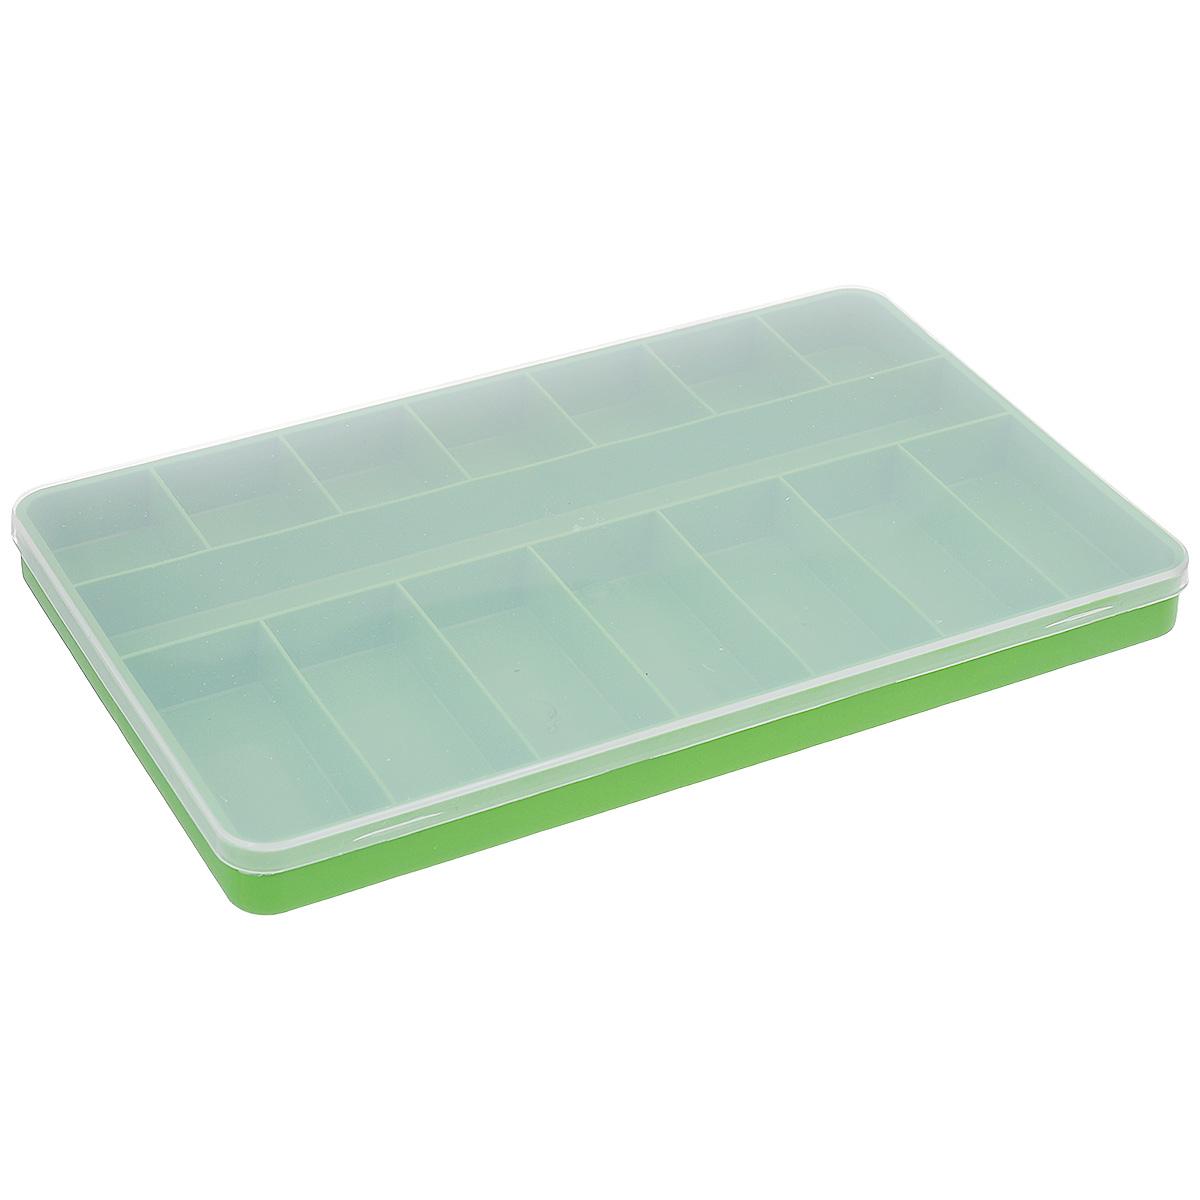 Коробка для мелочей Trivol, цвет: зеленый, прозрачный, 23,5 х 15 х 2 см23-15 аКоробка для мелочей Trivol изготовлена из высококачественного пластика. Прозрачная крышка позволяет видеть содержимое коробки. Изделие имеет 15 ячеек разного размера. Коробка прекрасно подойдет для хранения швейных принадлежностей, рыболовных снастей, мелких деталей и других бытовых мелочей. Удобный и надежный замок-защелка обеспечивает надежное закрывание крышки. Коробка легко моется и чистится. Такая коробка поможет держать вещи в порядке. Размер самой маленькой ячейки: 3,5 см х 4 см х 2 см. Размер самой большой ячейки: 22,5 см х 3 см х 2 см.